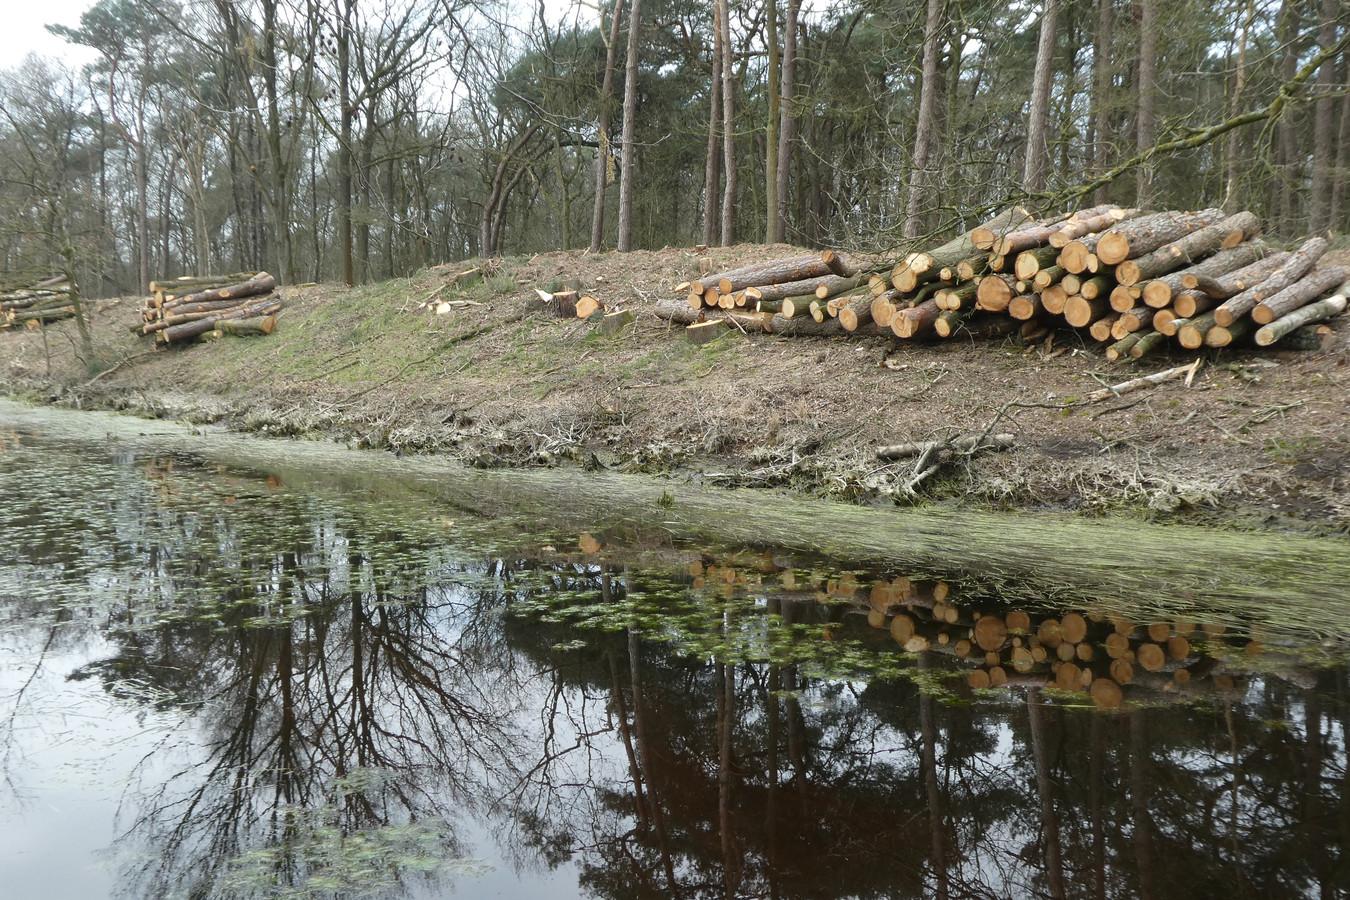 Kaalslag bij de Heiloop in de Kampina. Volgens Natuurmonumenten en het waterschap de Dommel nodig voor een andere waterhuishouding bij de blauwgraslandjes.